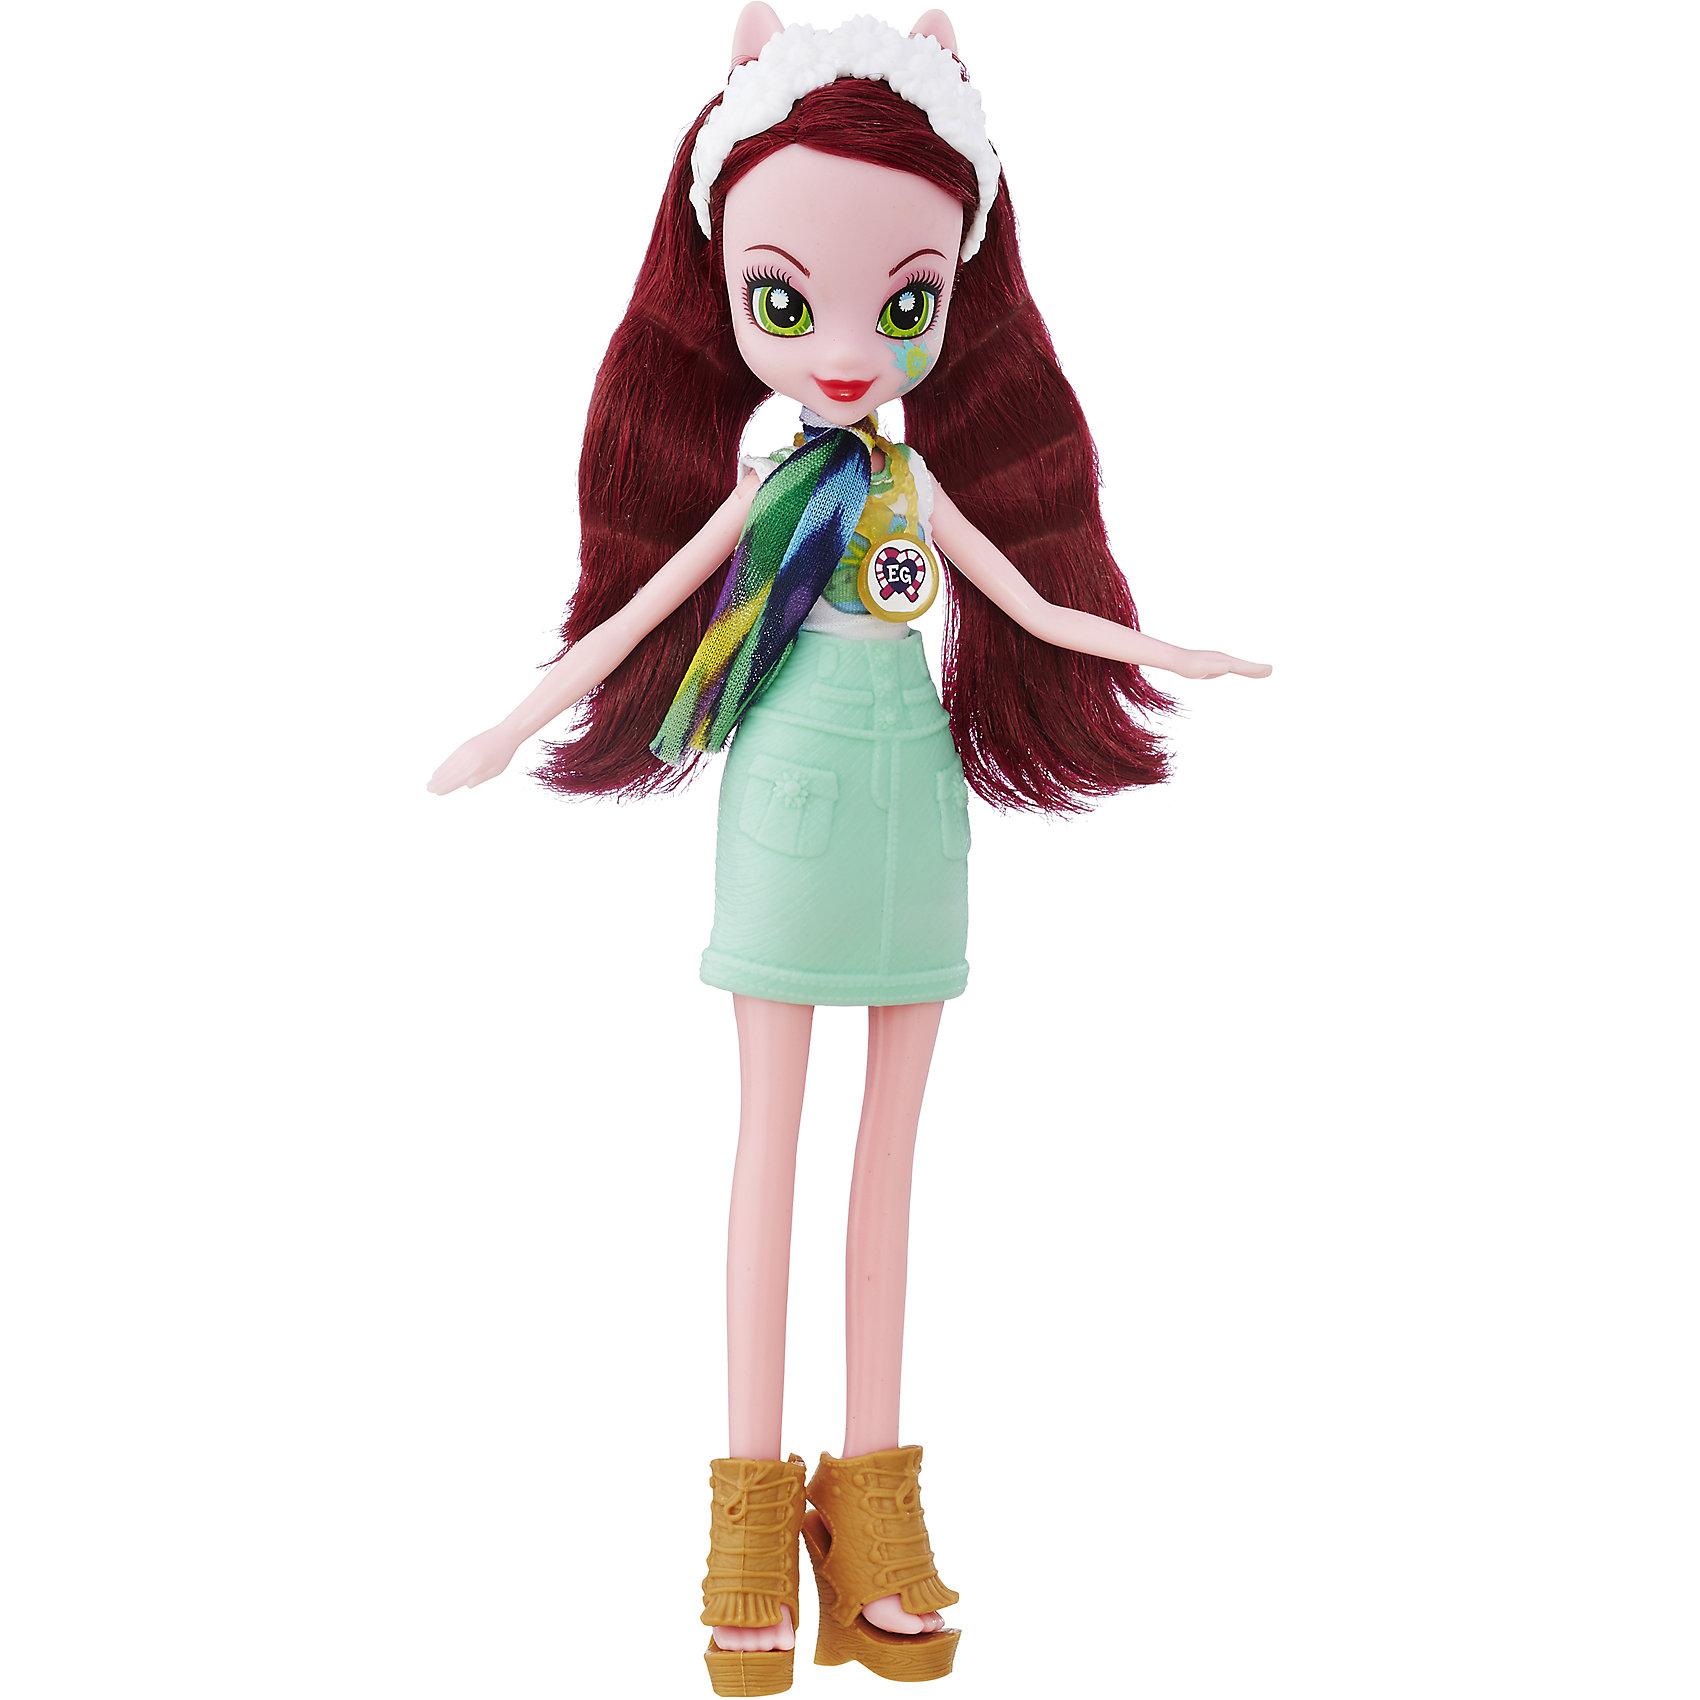 Кукла Эквестрия Герлз Легенды вечнозеленого леса - Глориоза ДейзиКуклы-модели<br>Характеристики:<br><br>• возраст: от 5 лет;<br>• материал: пластик;<br>• в комплекте: кукла, наряд, ожерелье;<br>• размер упаковки: 30,4х14х5 см;<br>• вес упаковки: 209 гр.;<br>• страна производитель: Китай.<br><br>Кукла «Легенда Вечнозеленого леса» Hasbro — героиня известного мультсериала «Мой маленький пони. Девочки из Эквестрии» Глориоса. Она одета в голубое платье и туфельки. У куклы выразительные зеленые глаза и длинные темные волосы. Дополняют образ Глориосы шарфик и необычное ожерелье. На ожерелье имеется код, который поможет разблокировать увлекательную игру в приложении Equestria Girls.<br><br>Куклу «Легенда Вечнозеленого леса» Hasbro можно приобрести в нашем интернет-магазине.<br><br>Ширина мм: 50<br>Глубина мм: 140<br>Высота мм: 304<br>Вес г: 209<br>Возраст от месяцев: 60<br>Возраст до месяцев: 2147483647<br>Пол: Женский<br>Возраст: Детский<br>SKU: 6753139